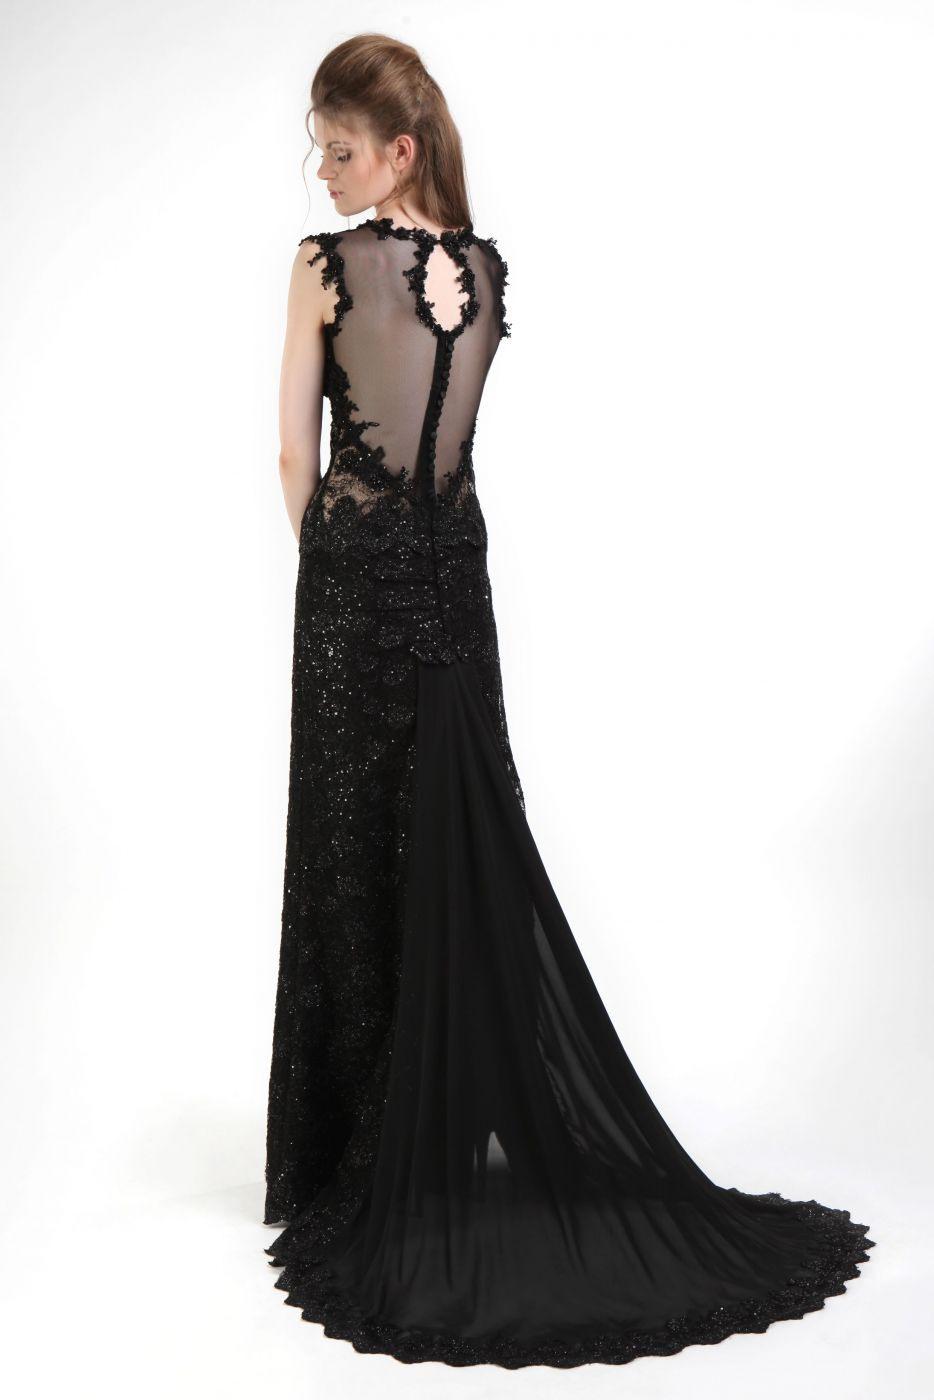 20 Top Abendkleid Schwarz Lang Ärmel10 Genial Abendkleid Schwarz Lang Vertrieb